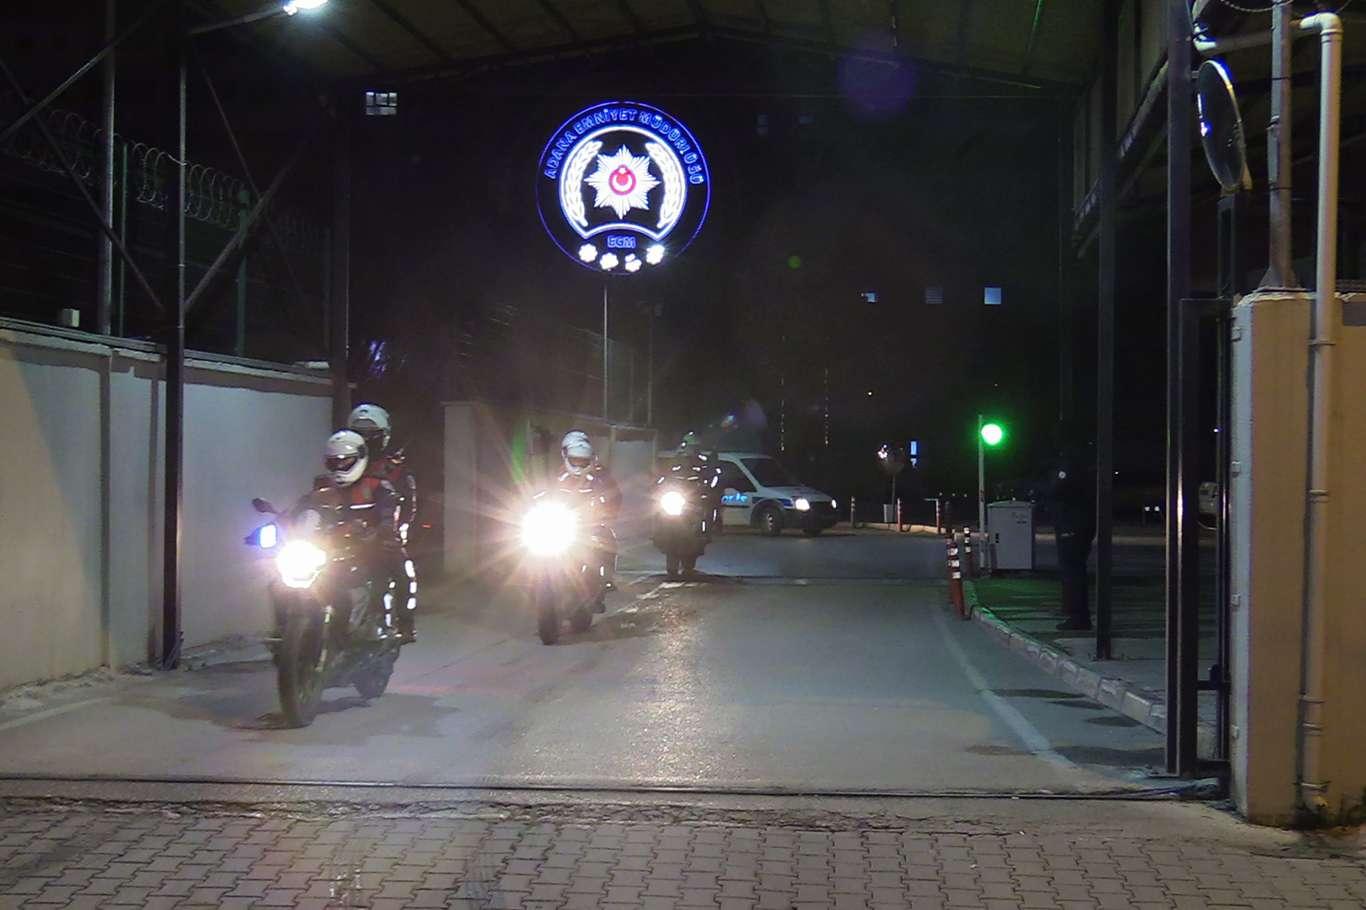 Son Dakika; Adana'da 90 Firarinin Yakalanması İçin Şafak Operasyonu Başlatıldı